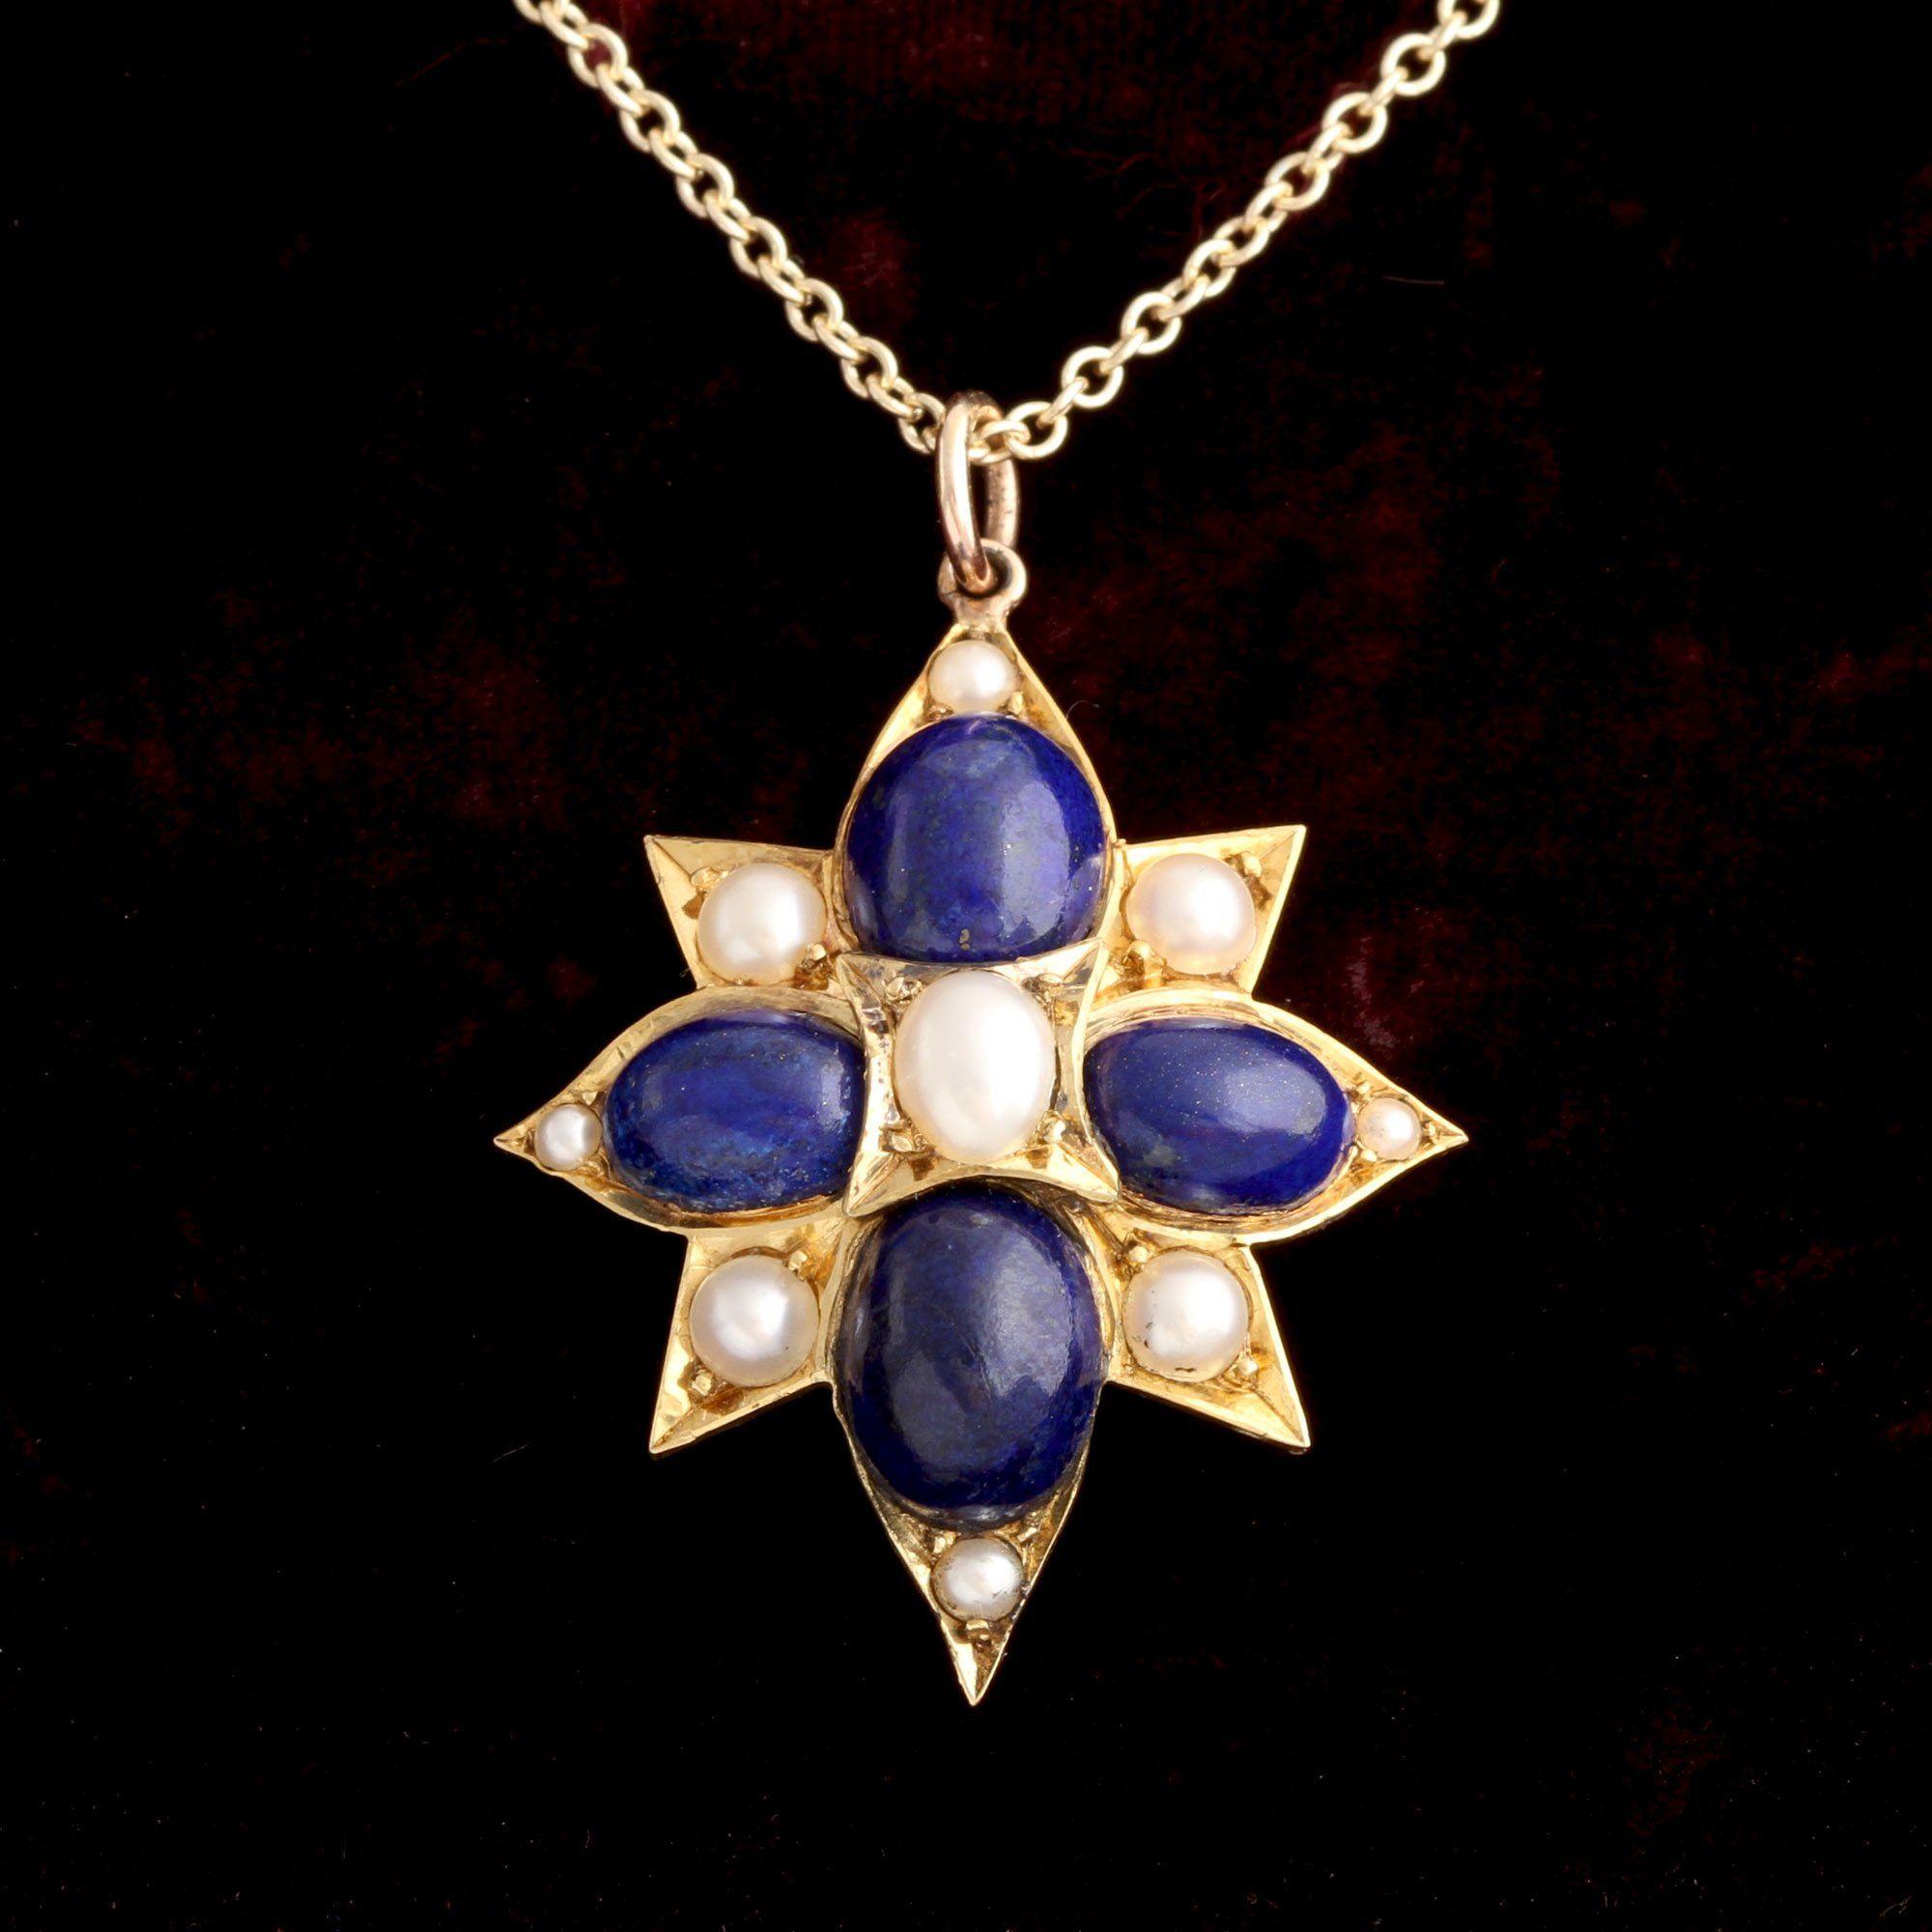 Victorian Lapis & Pearl Starburst Pendant